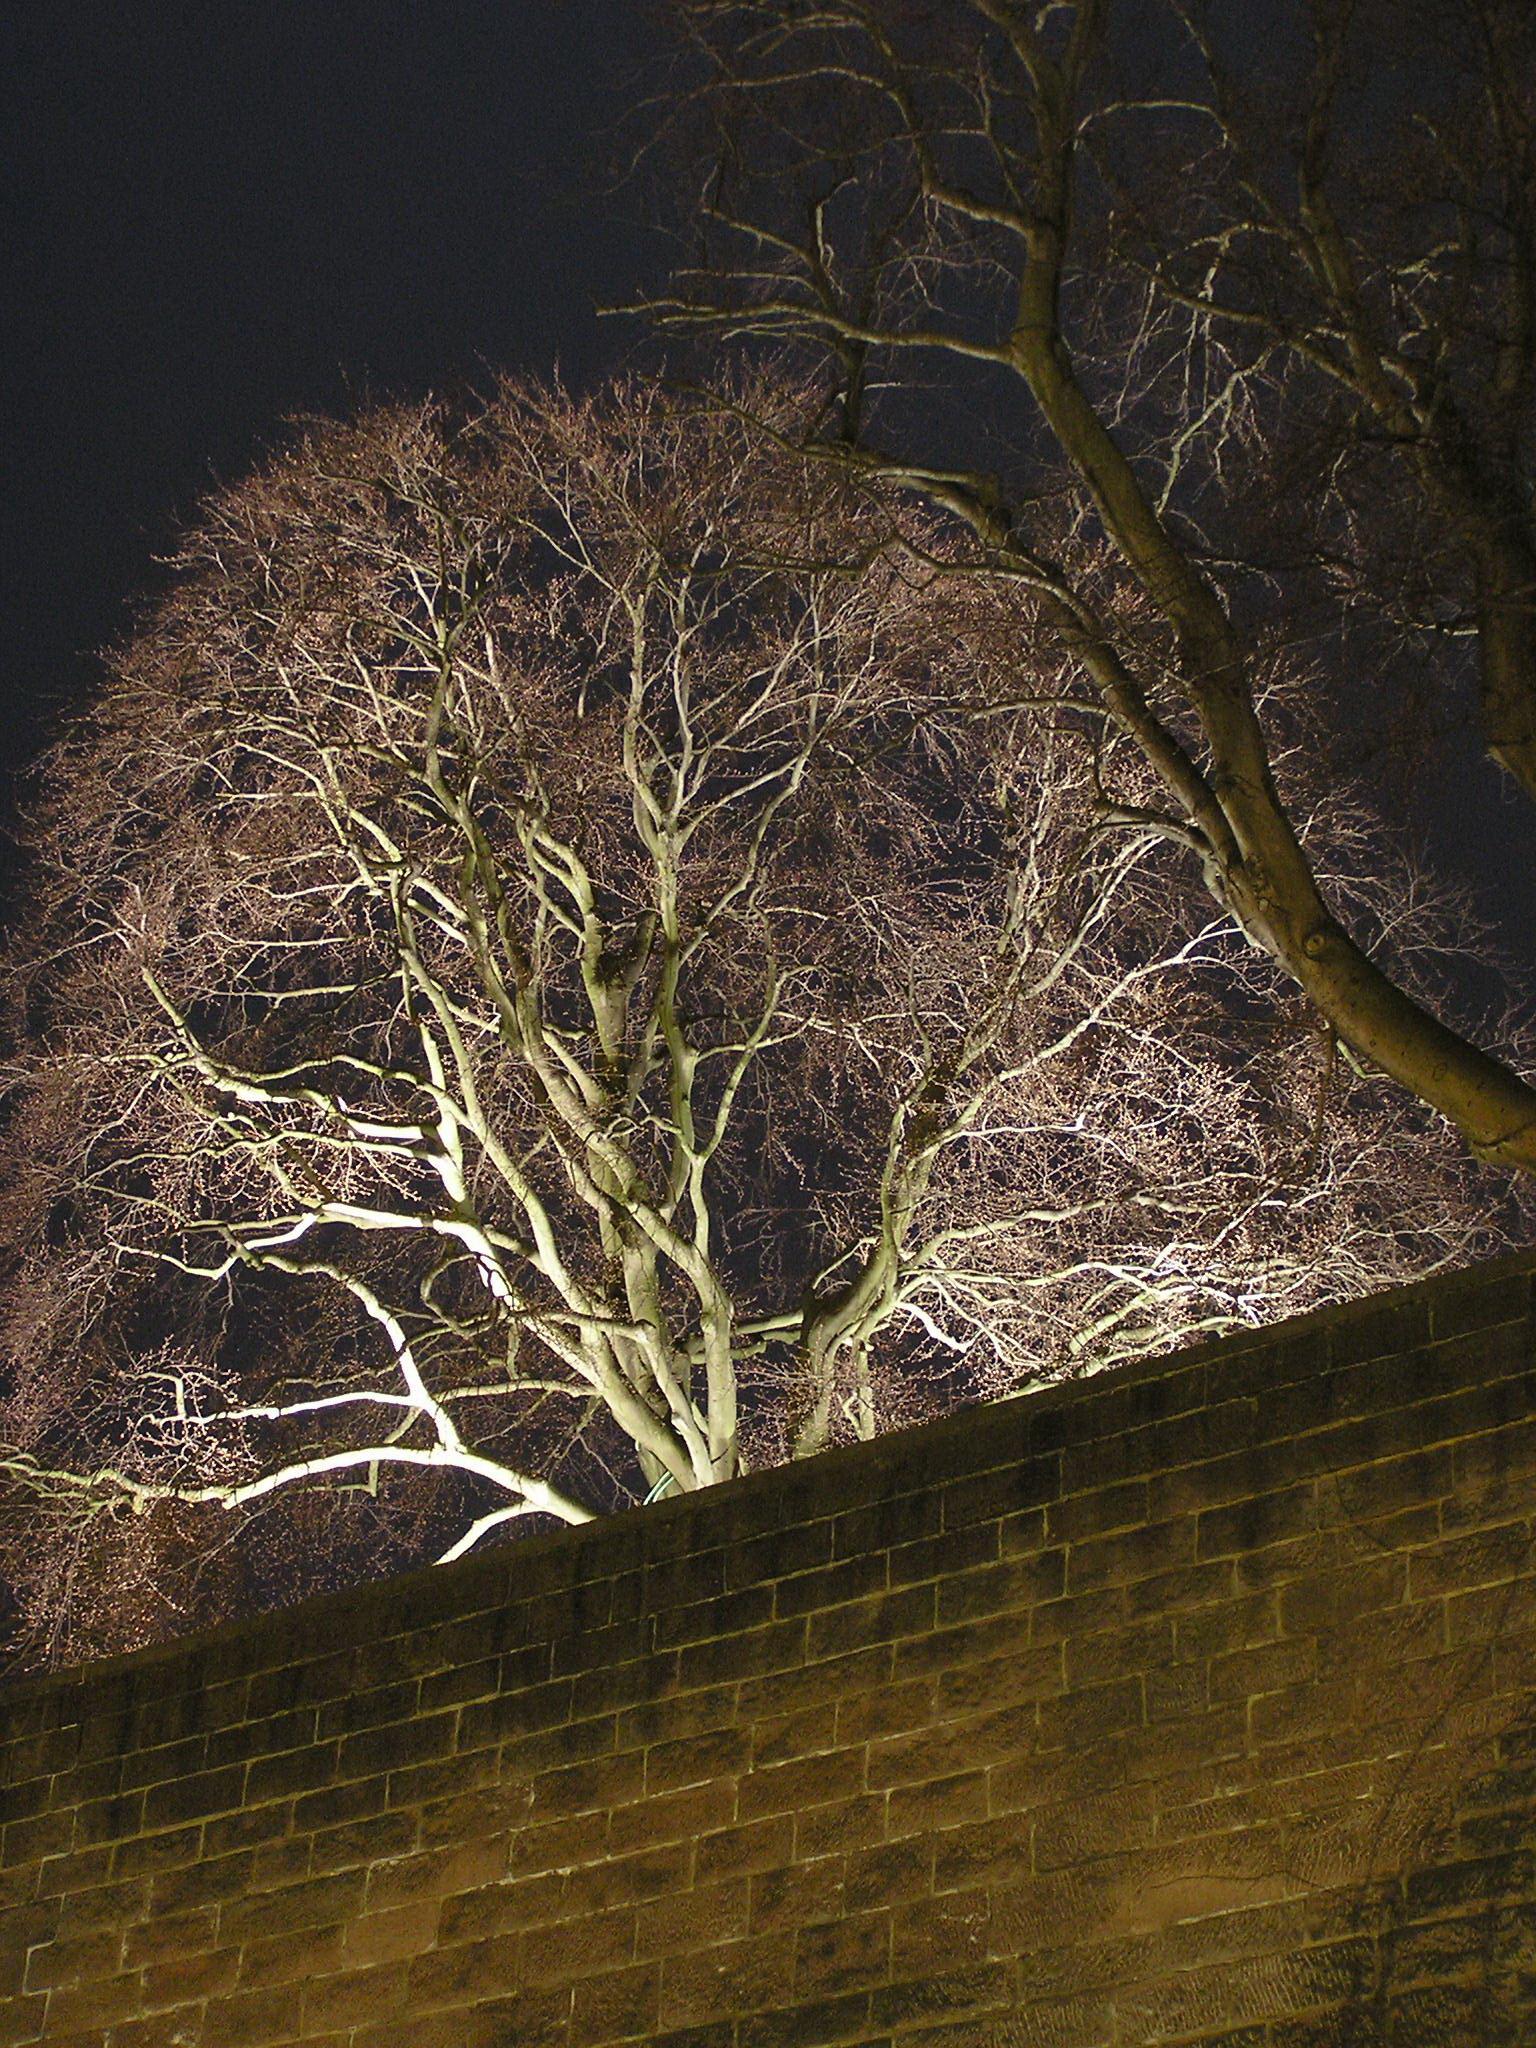 Nachtbild 002: Baum